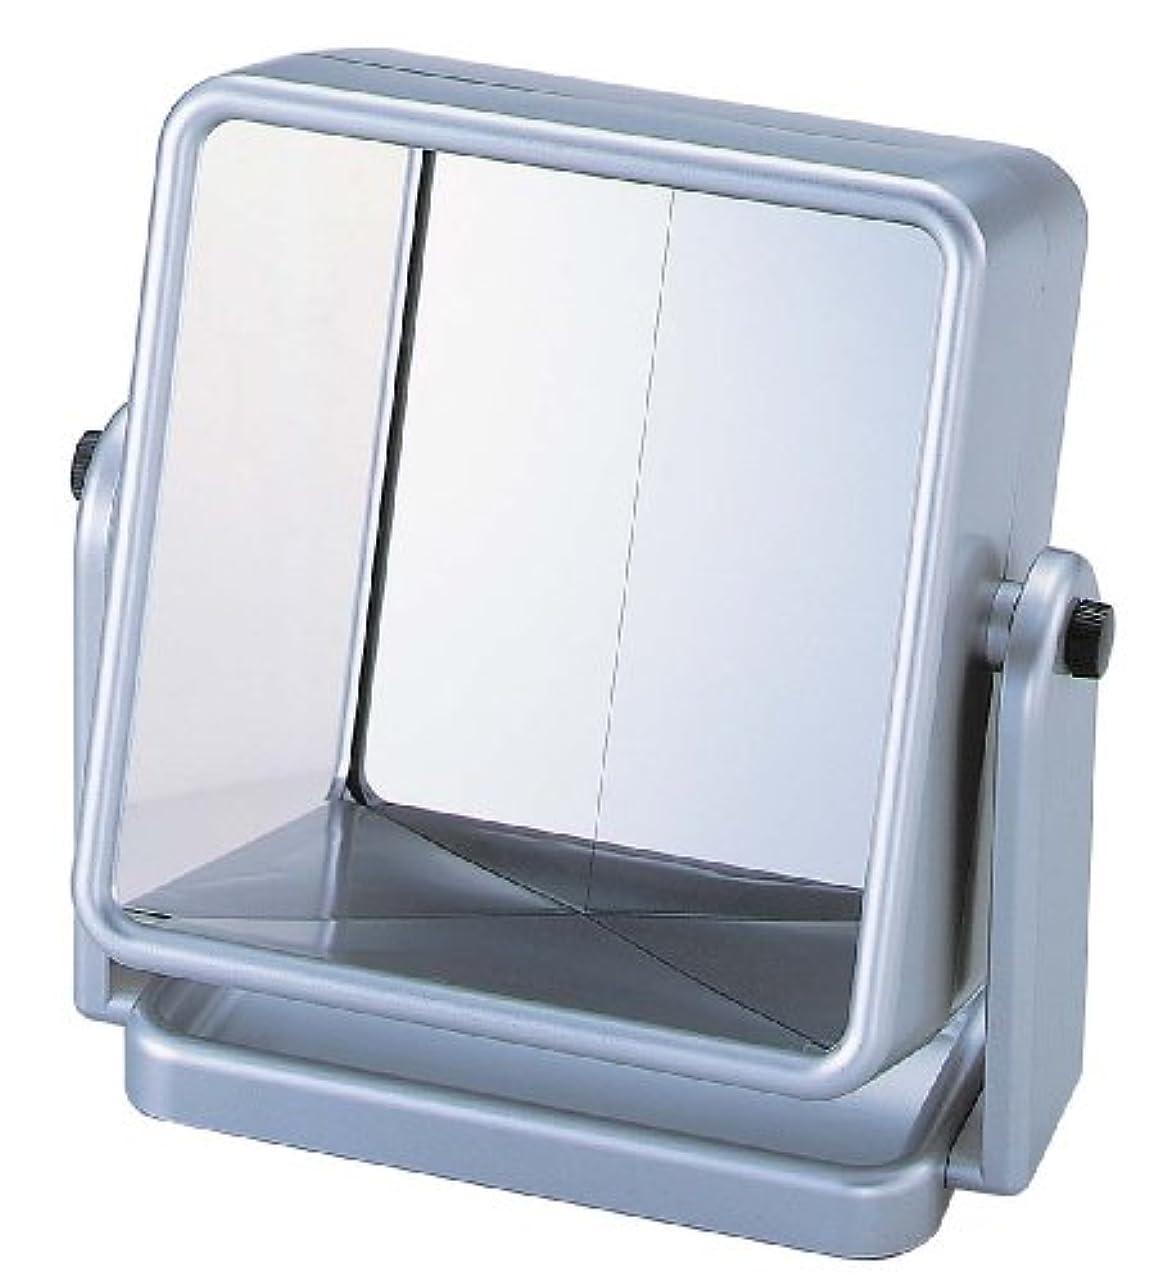 レガシー処方するハードウェアヤマムラ リバーサルミラー シルバー YRV-005 単品